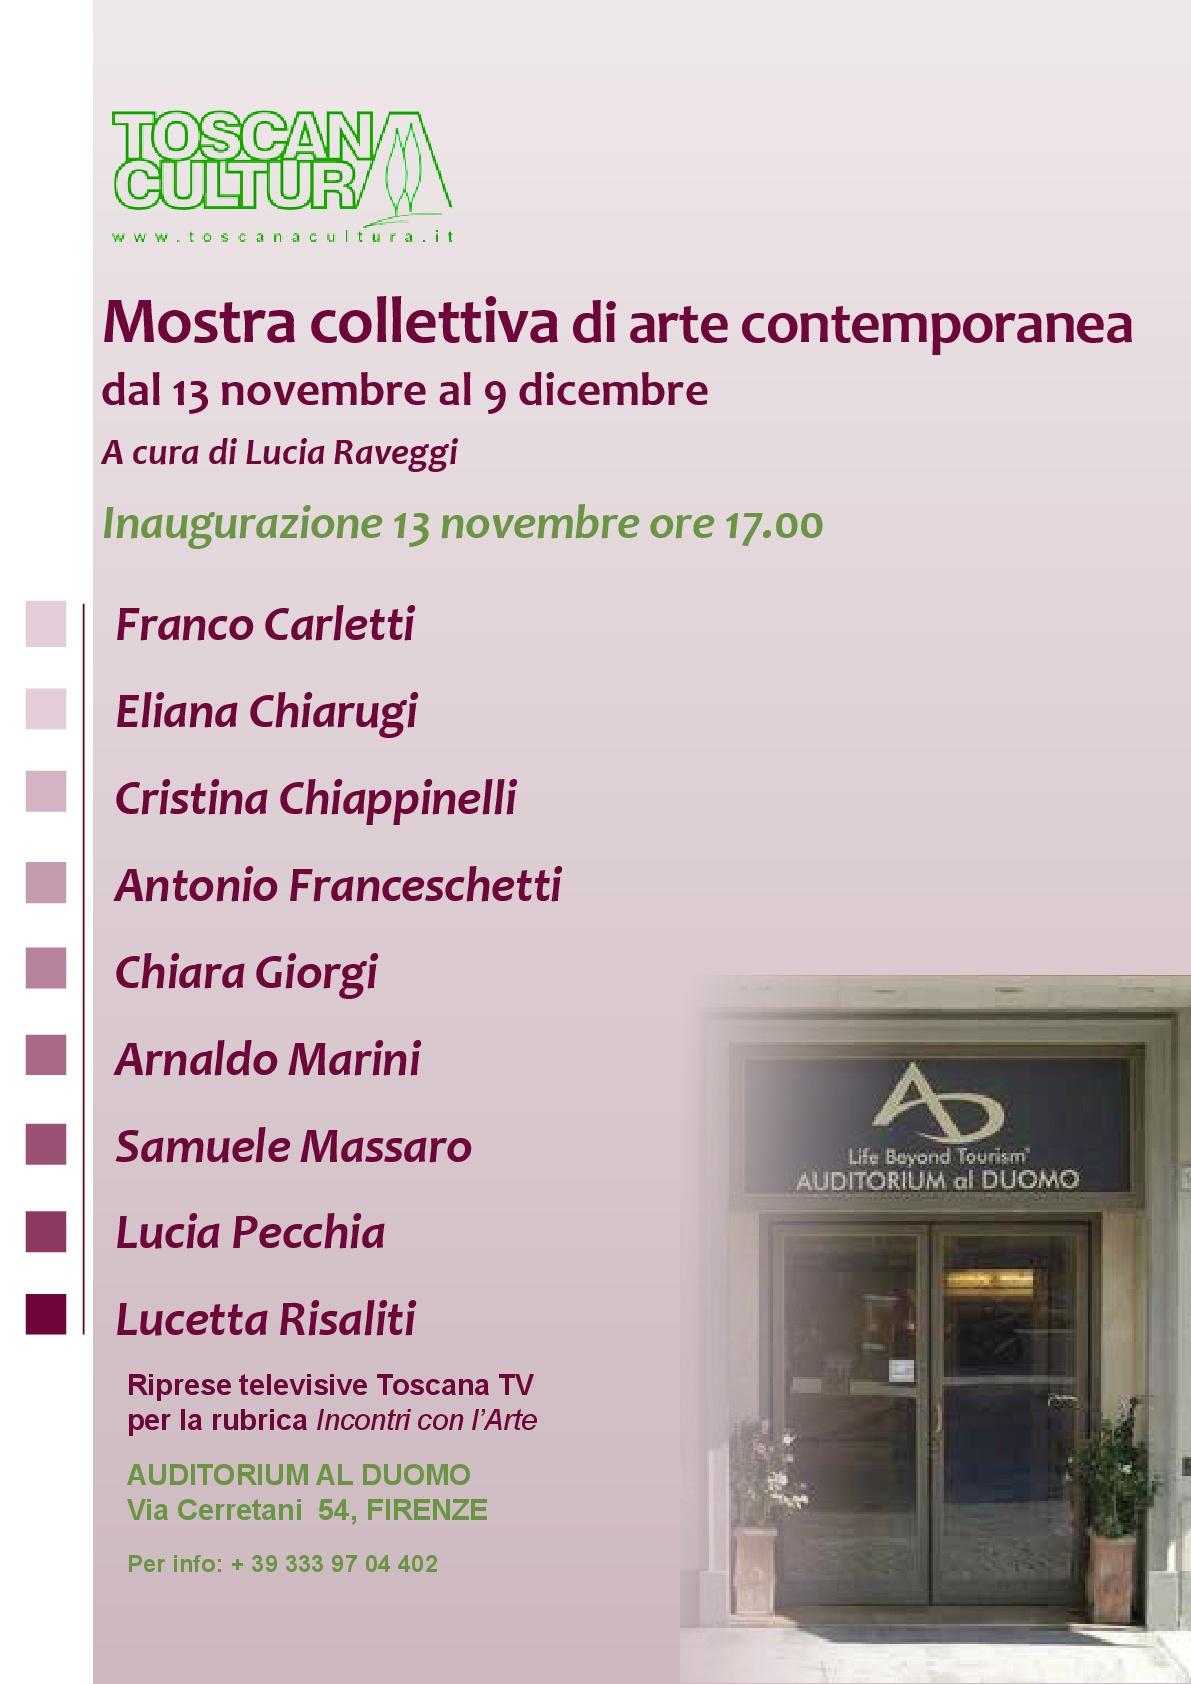 Mostra all'Auditorium al Duomo